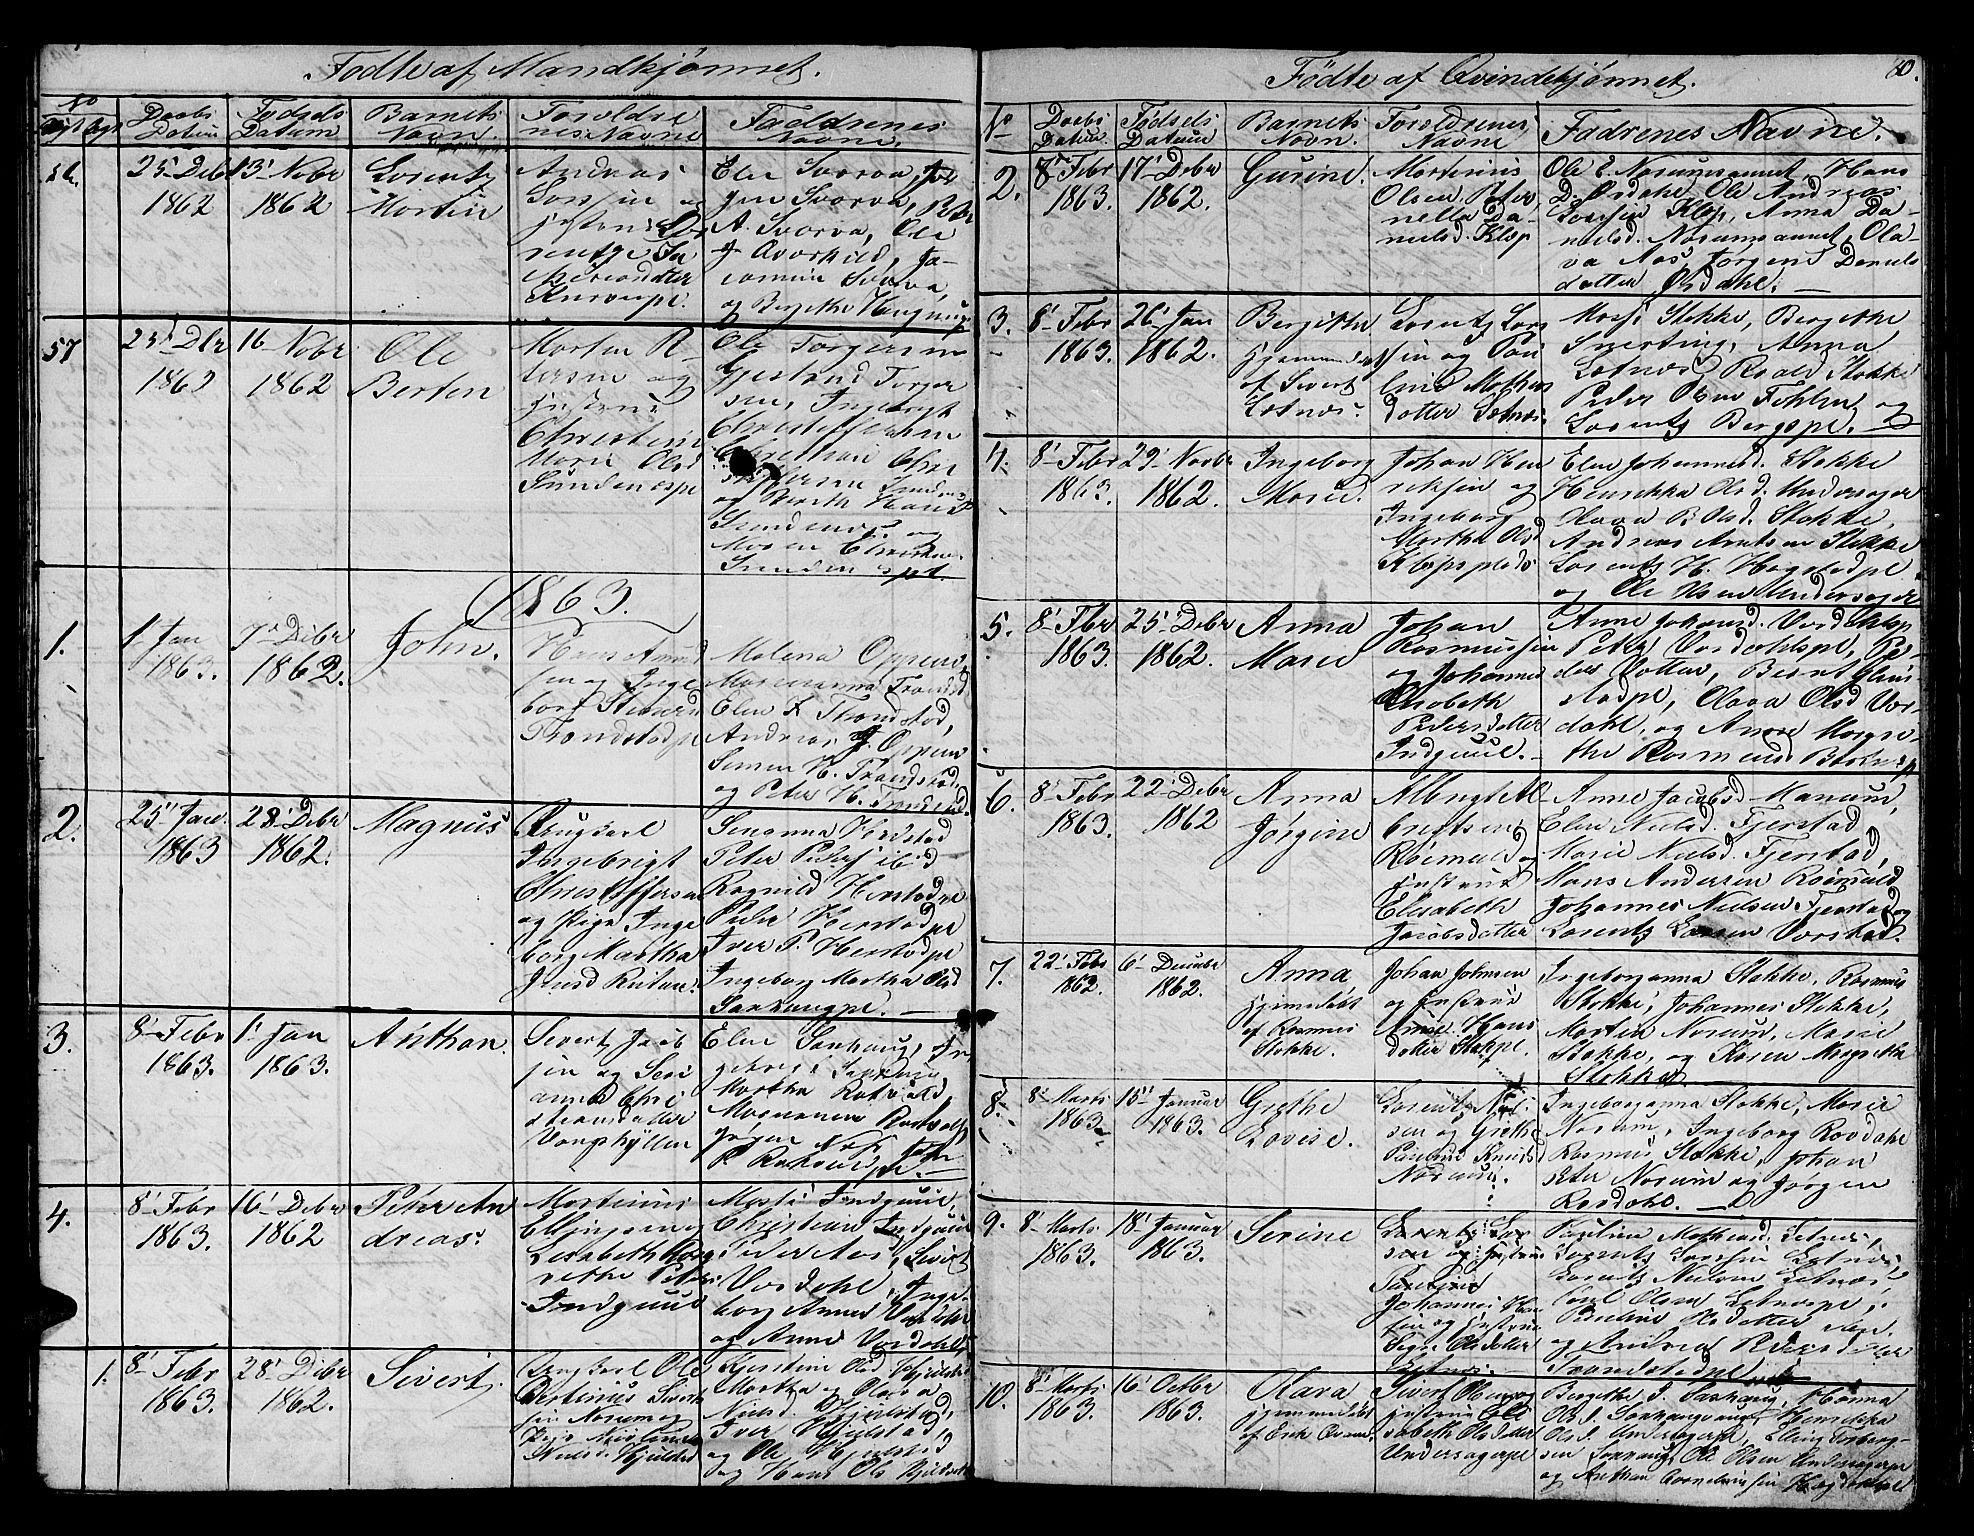 SAT, Ministerialprotokoller, klokkerbøker og fødselsregistre - Nord-Trøndelag, 730/L0299: Klokkerbok nr. 730C02, 1849-1871, s. 80